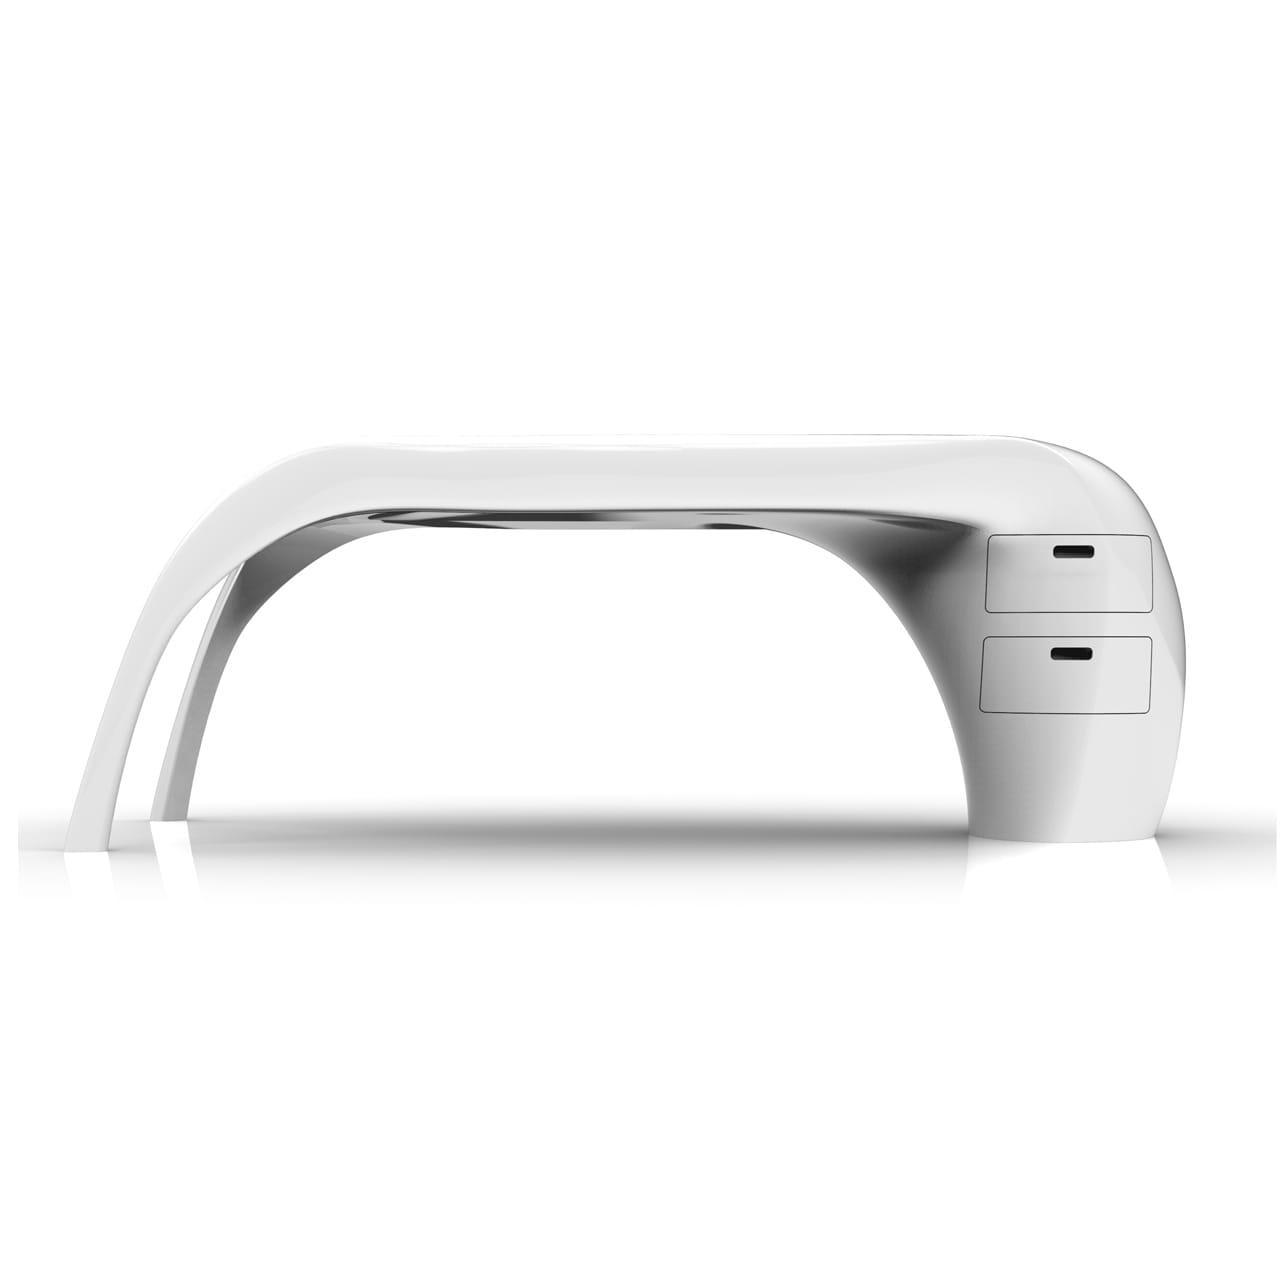 LADY DESK scrivania bianca realizzata in Adamantx